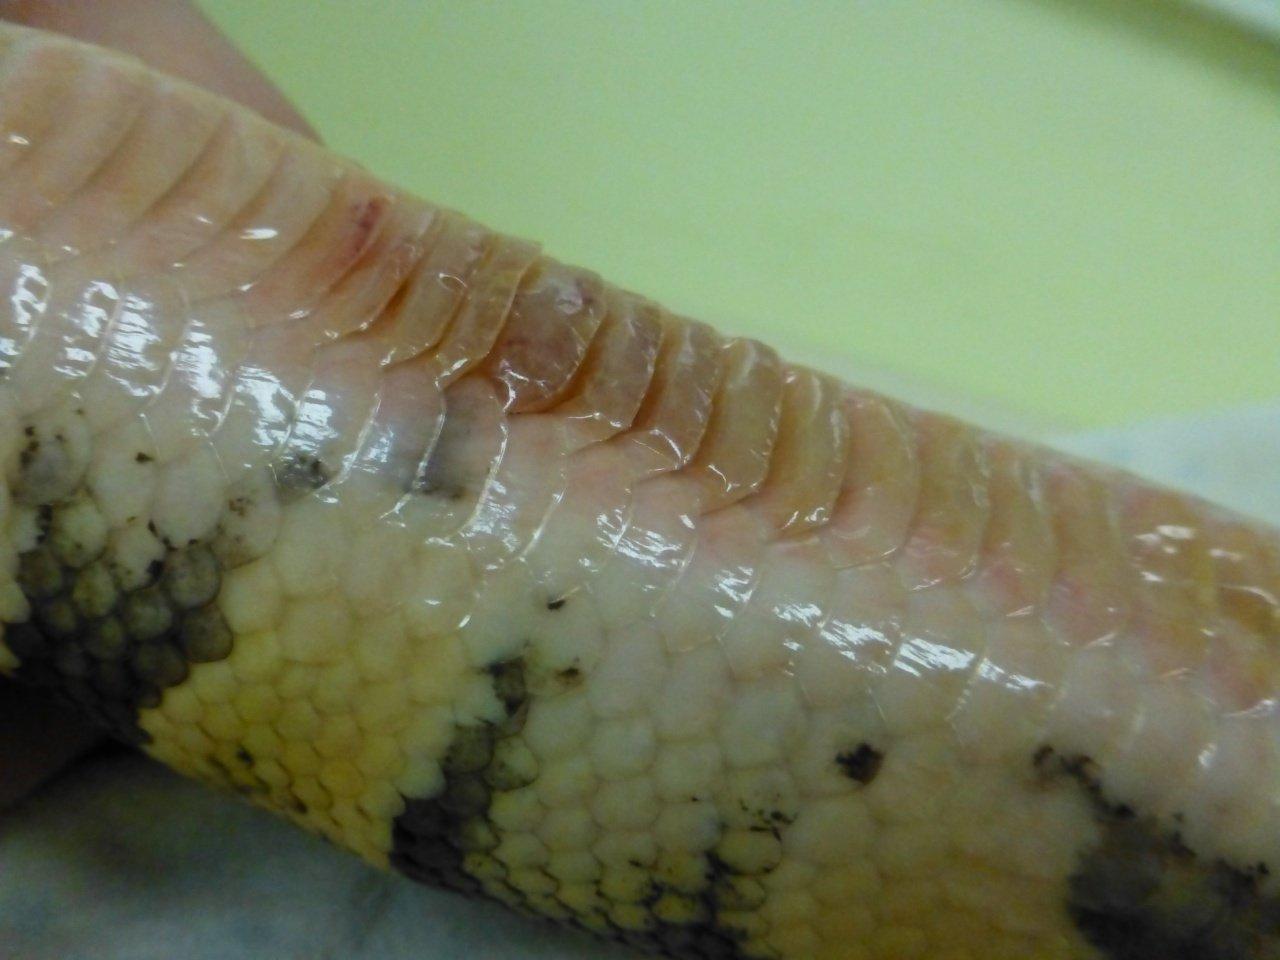 blister disease